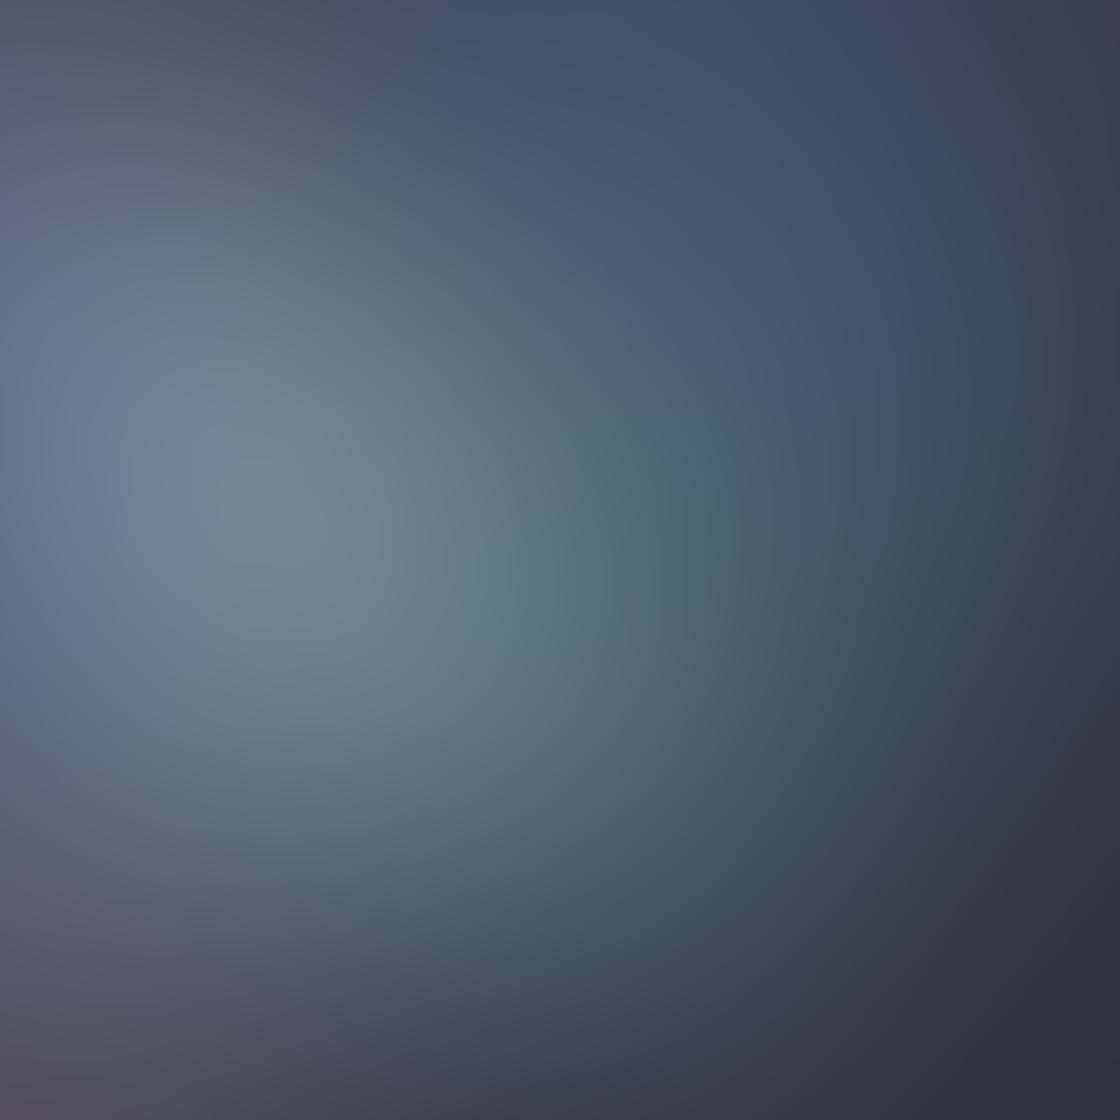 iPhone Empty Space Photo 20